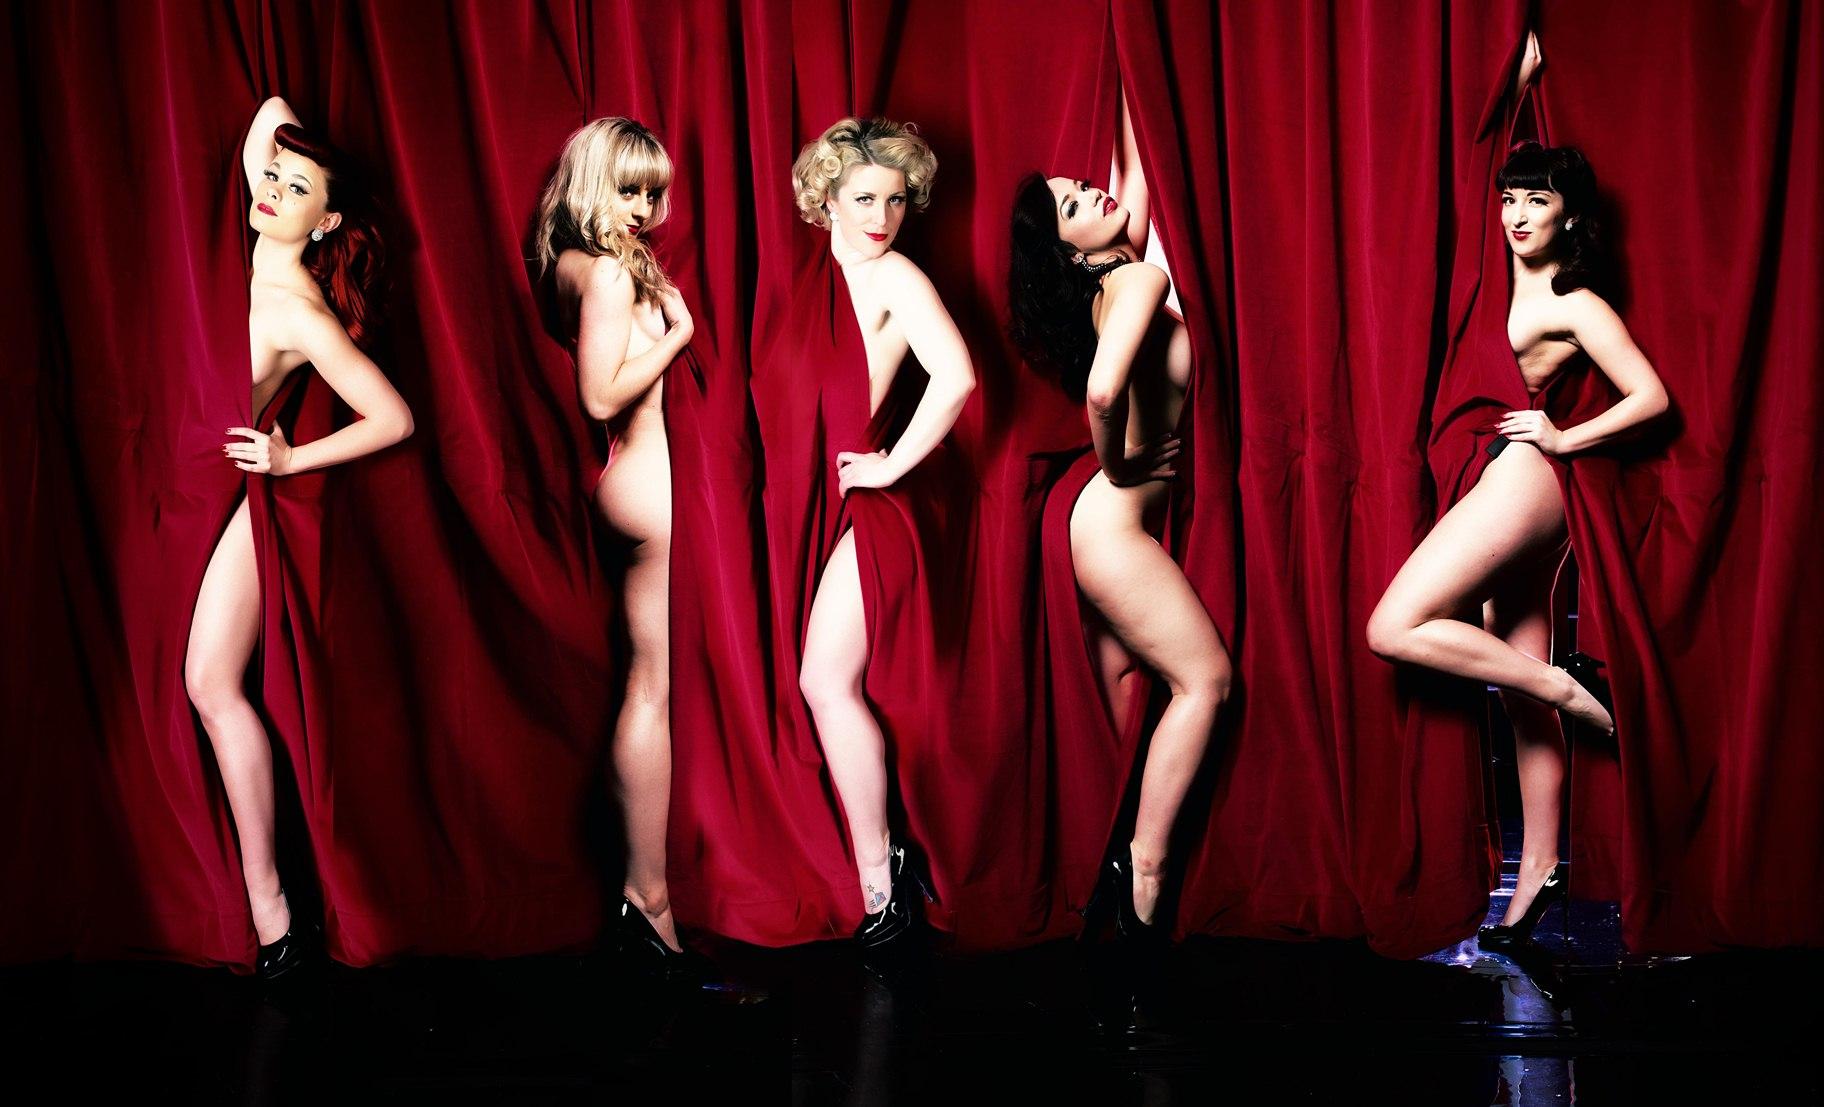 The Hottest Burlesque Performances